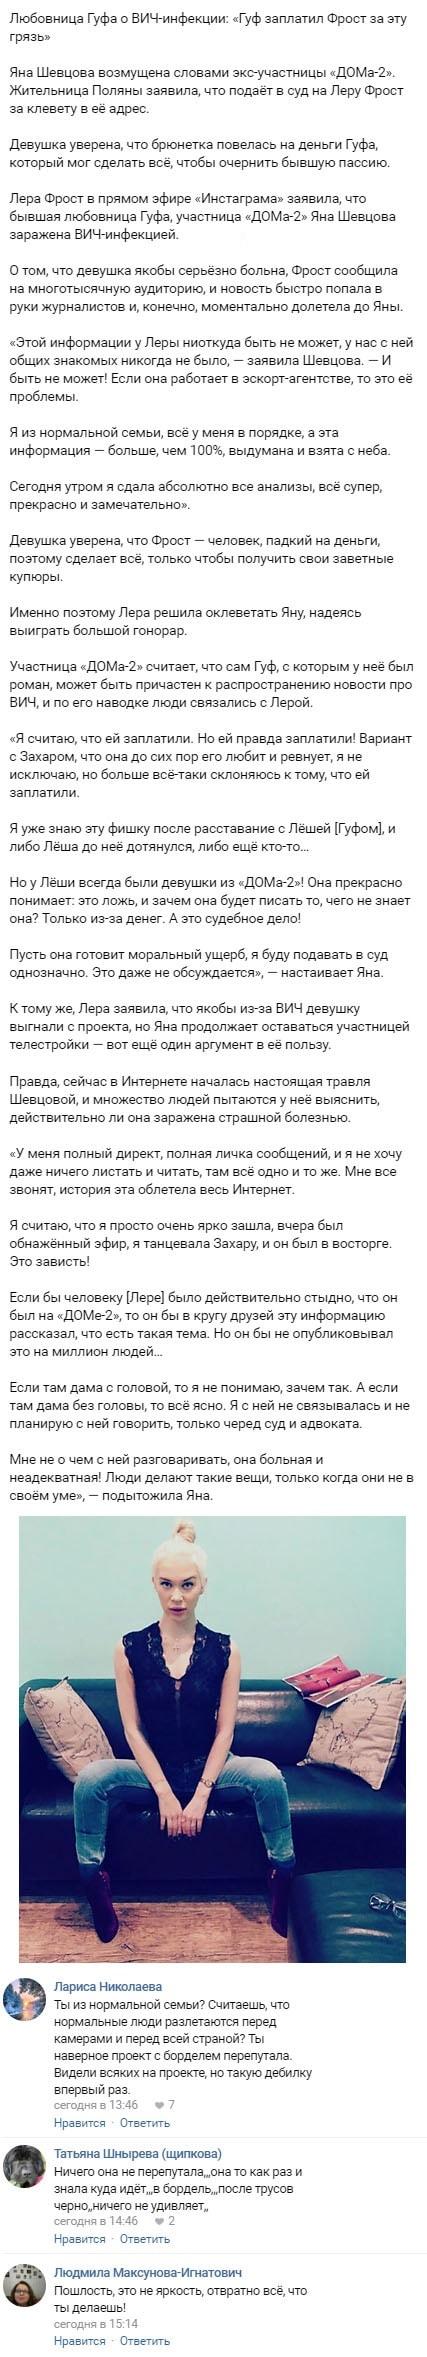 Яна Шевцова пригрозила судом Валерии Фрост из-за истории о СПИДе